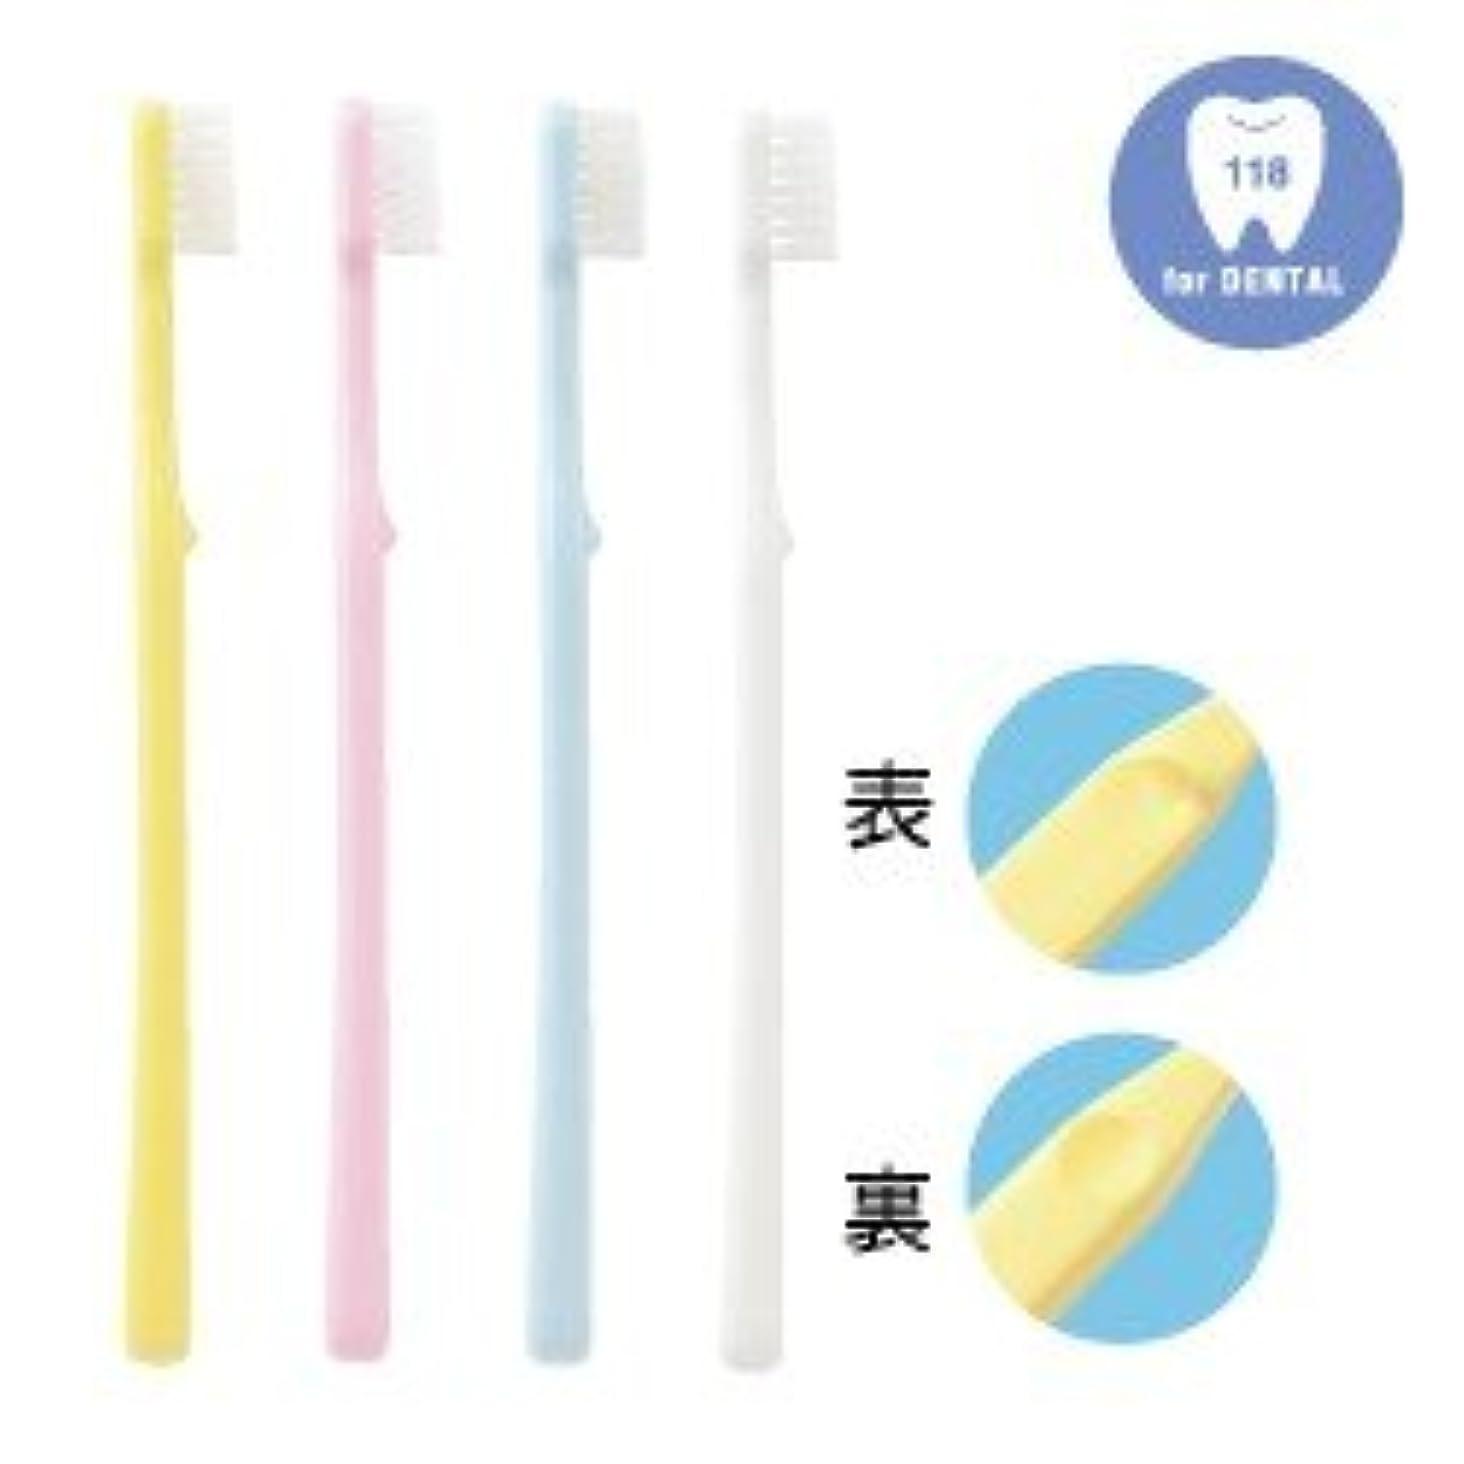 ナラーバーかすかな厚くする歯科専用歯ブラシ フォーカス 子供用 118シリーズ M(ふつう) 20本